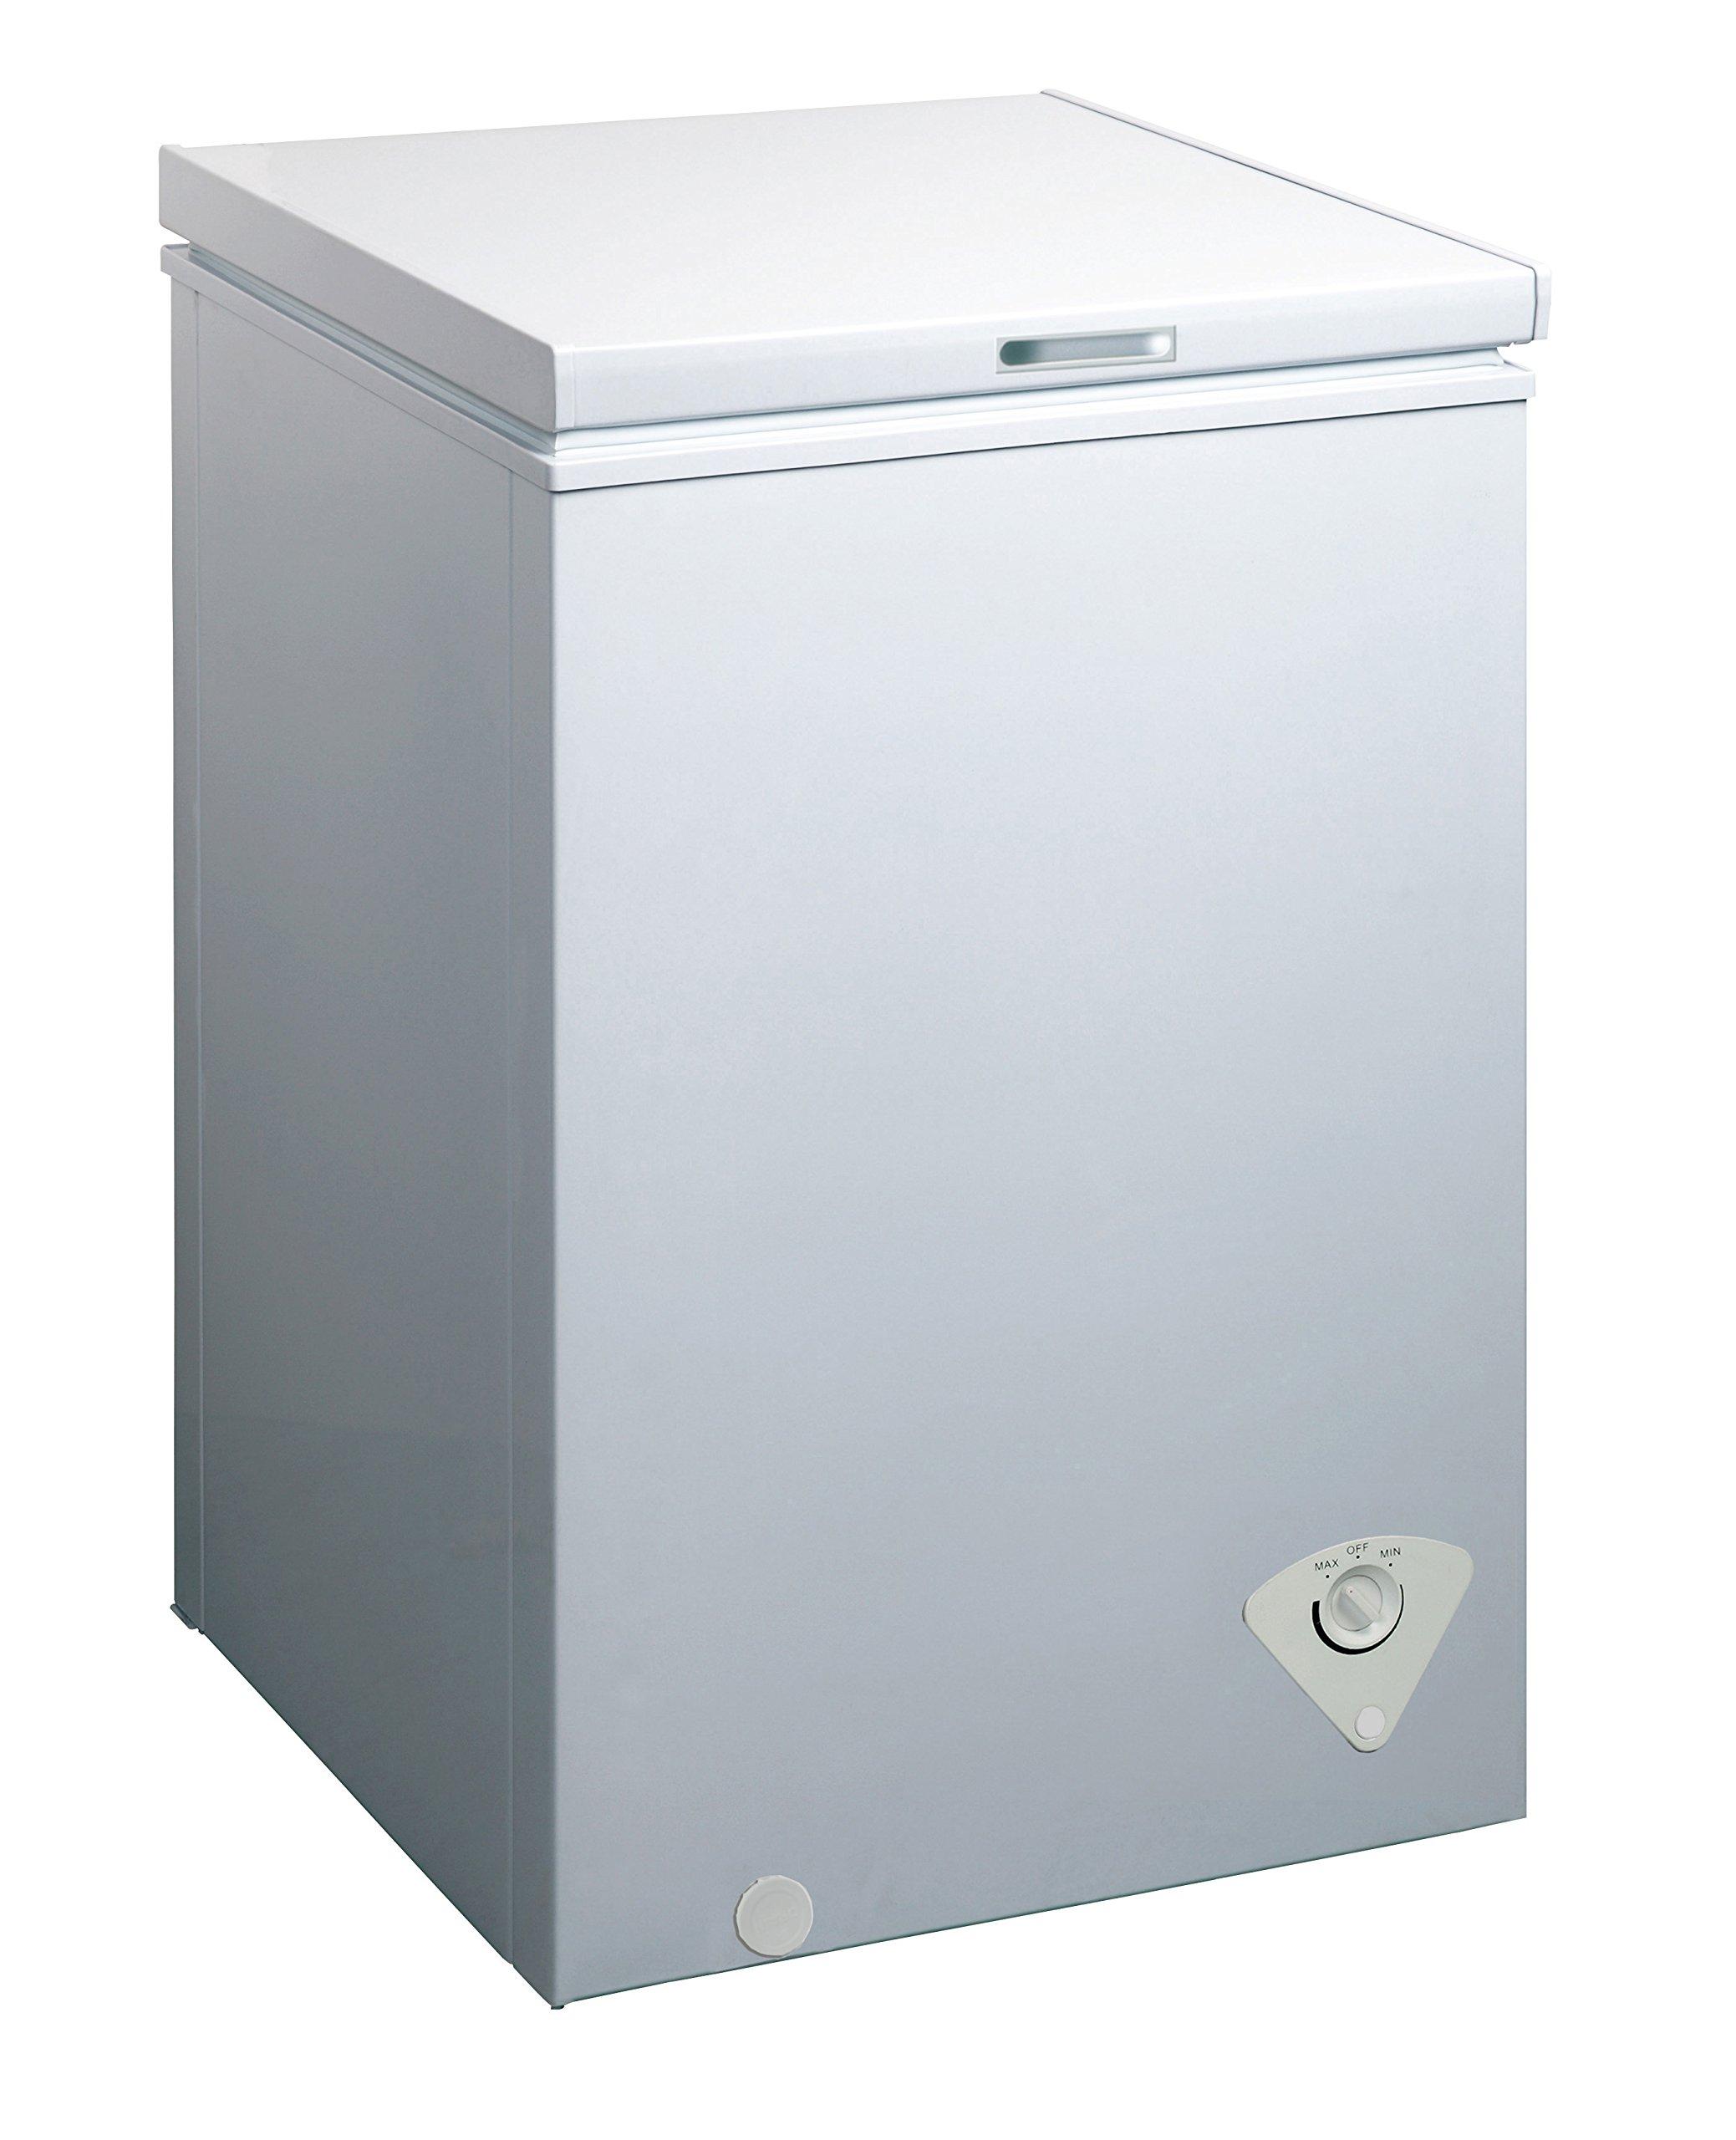 Midea Single Door Chest Freezer 81 IezyzqVL